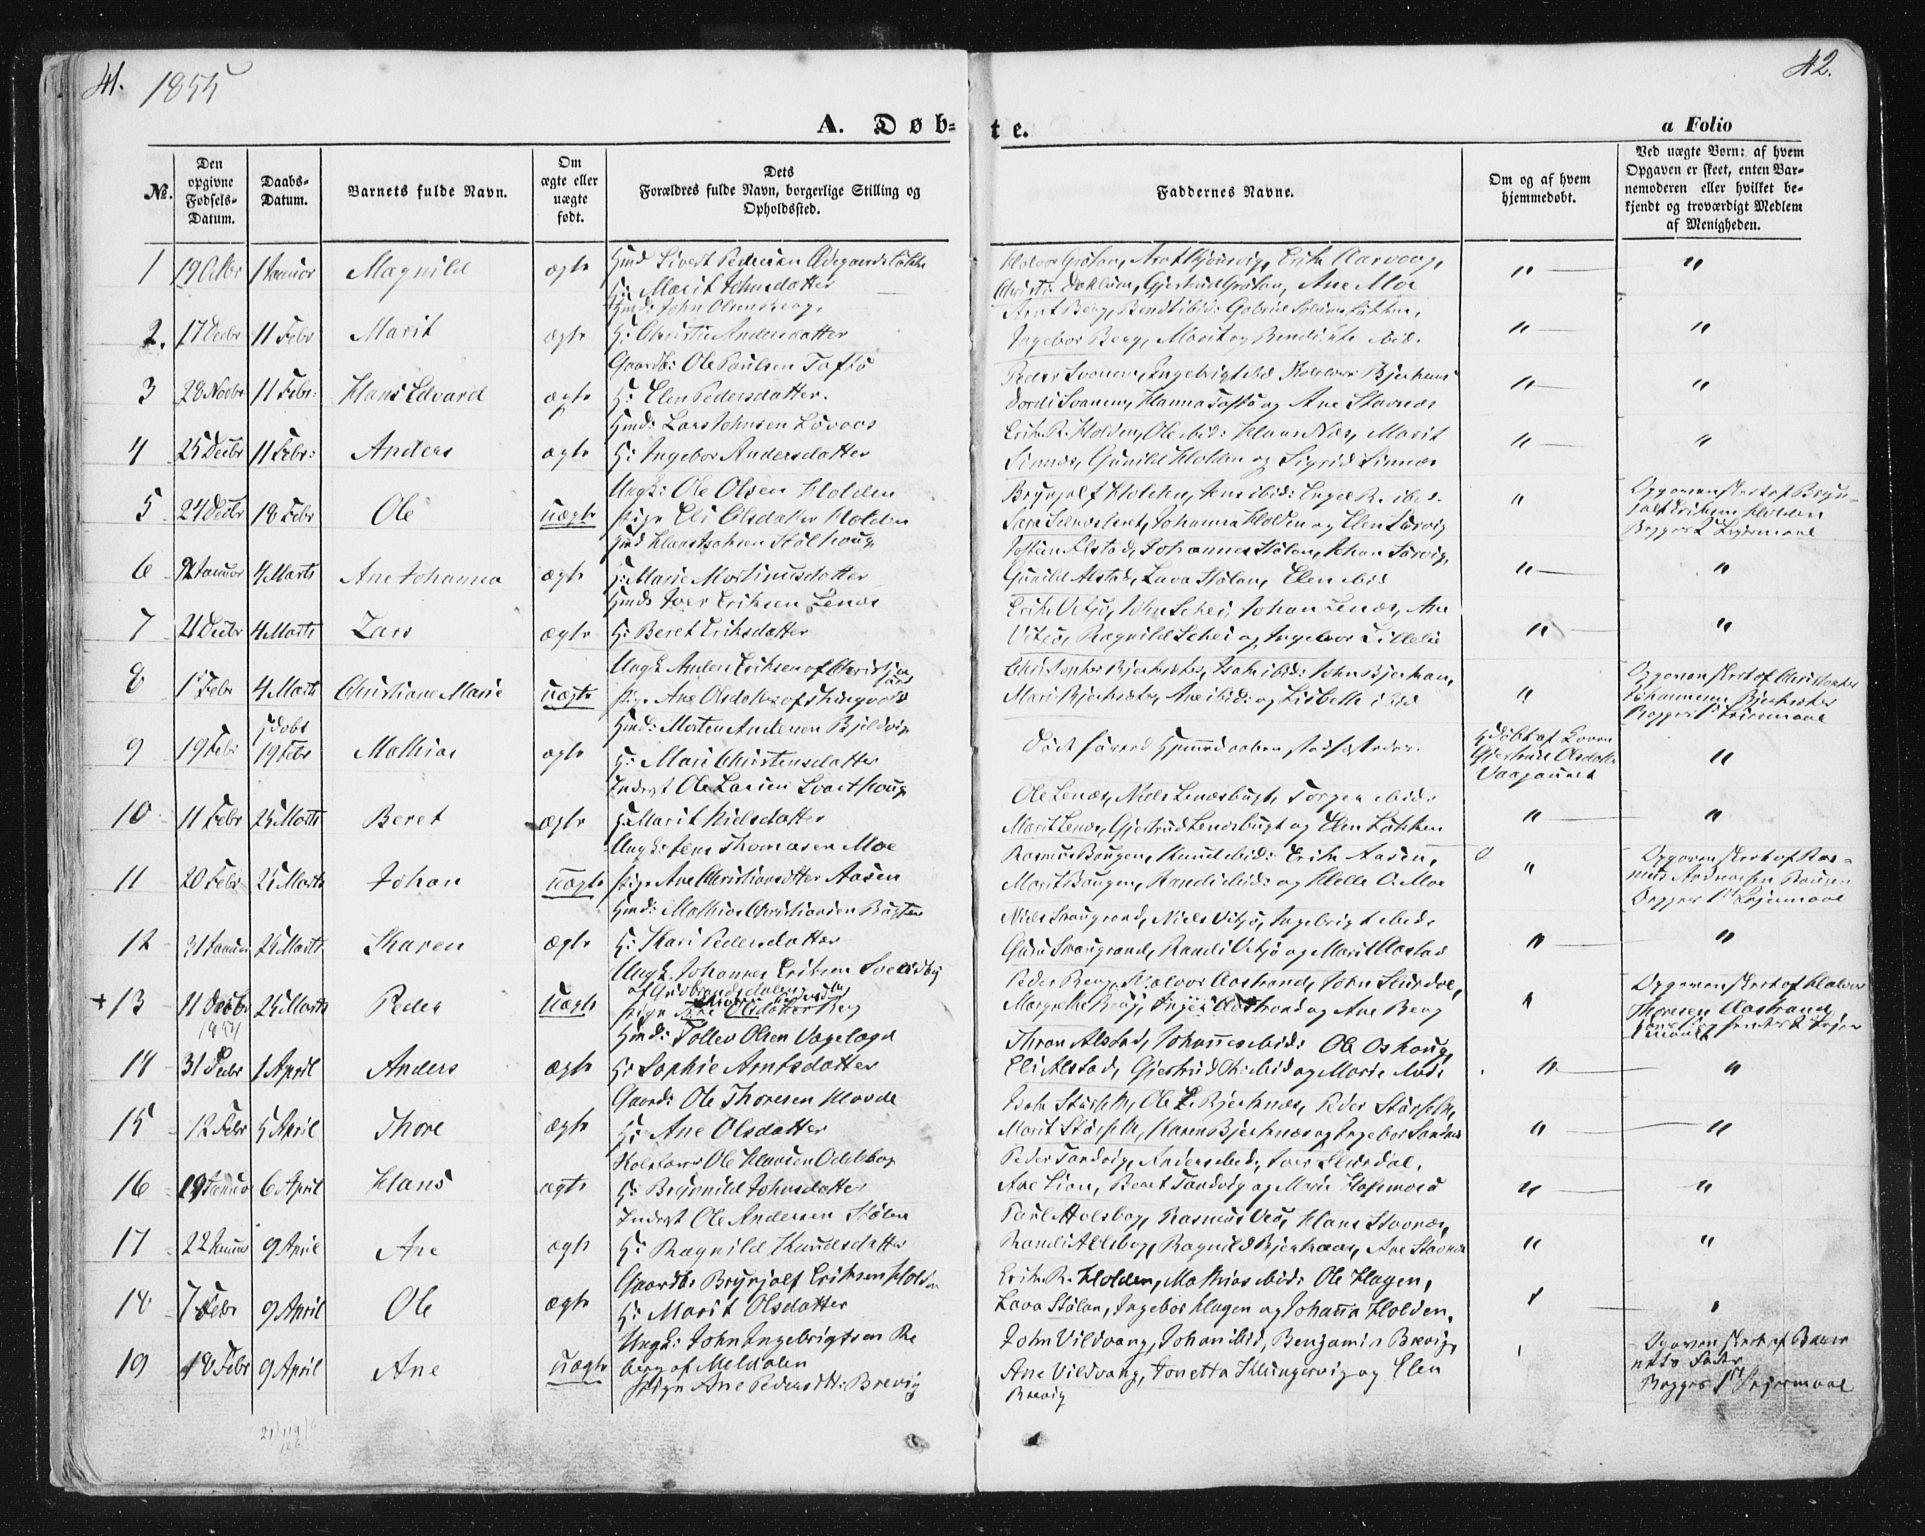 SAT, Ministerialprotokoller, klokkerbøker og fødselsregistre - Sør-Trøndelag, 630/L0494: Ministerialbok nr. 630A07, 1852-1868, s. 41-42